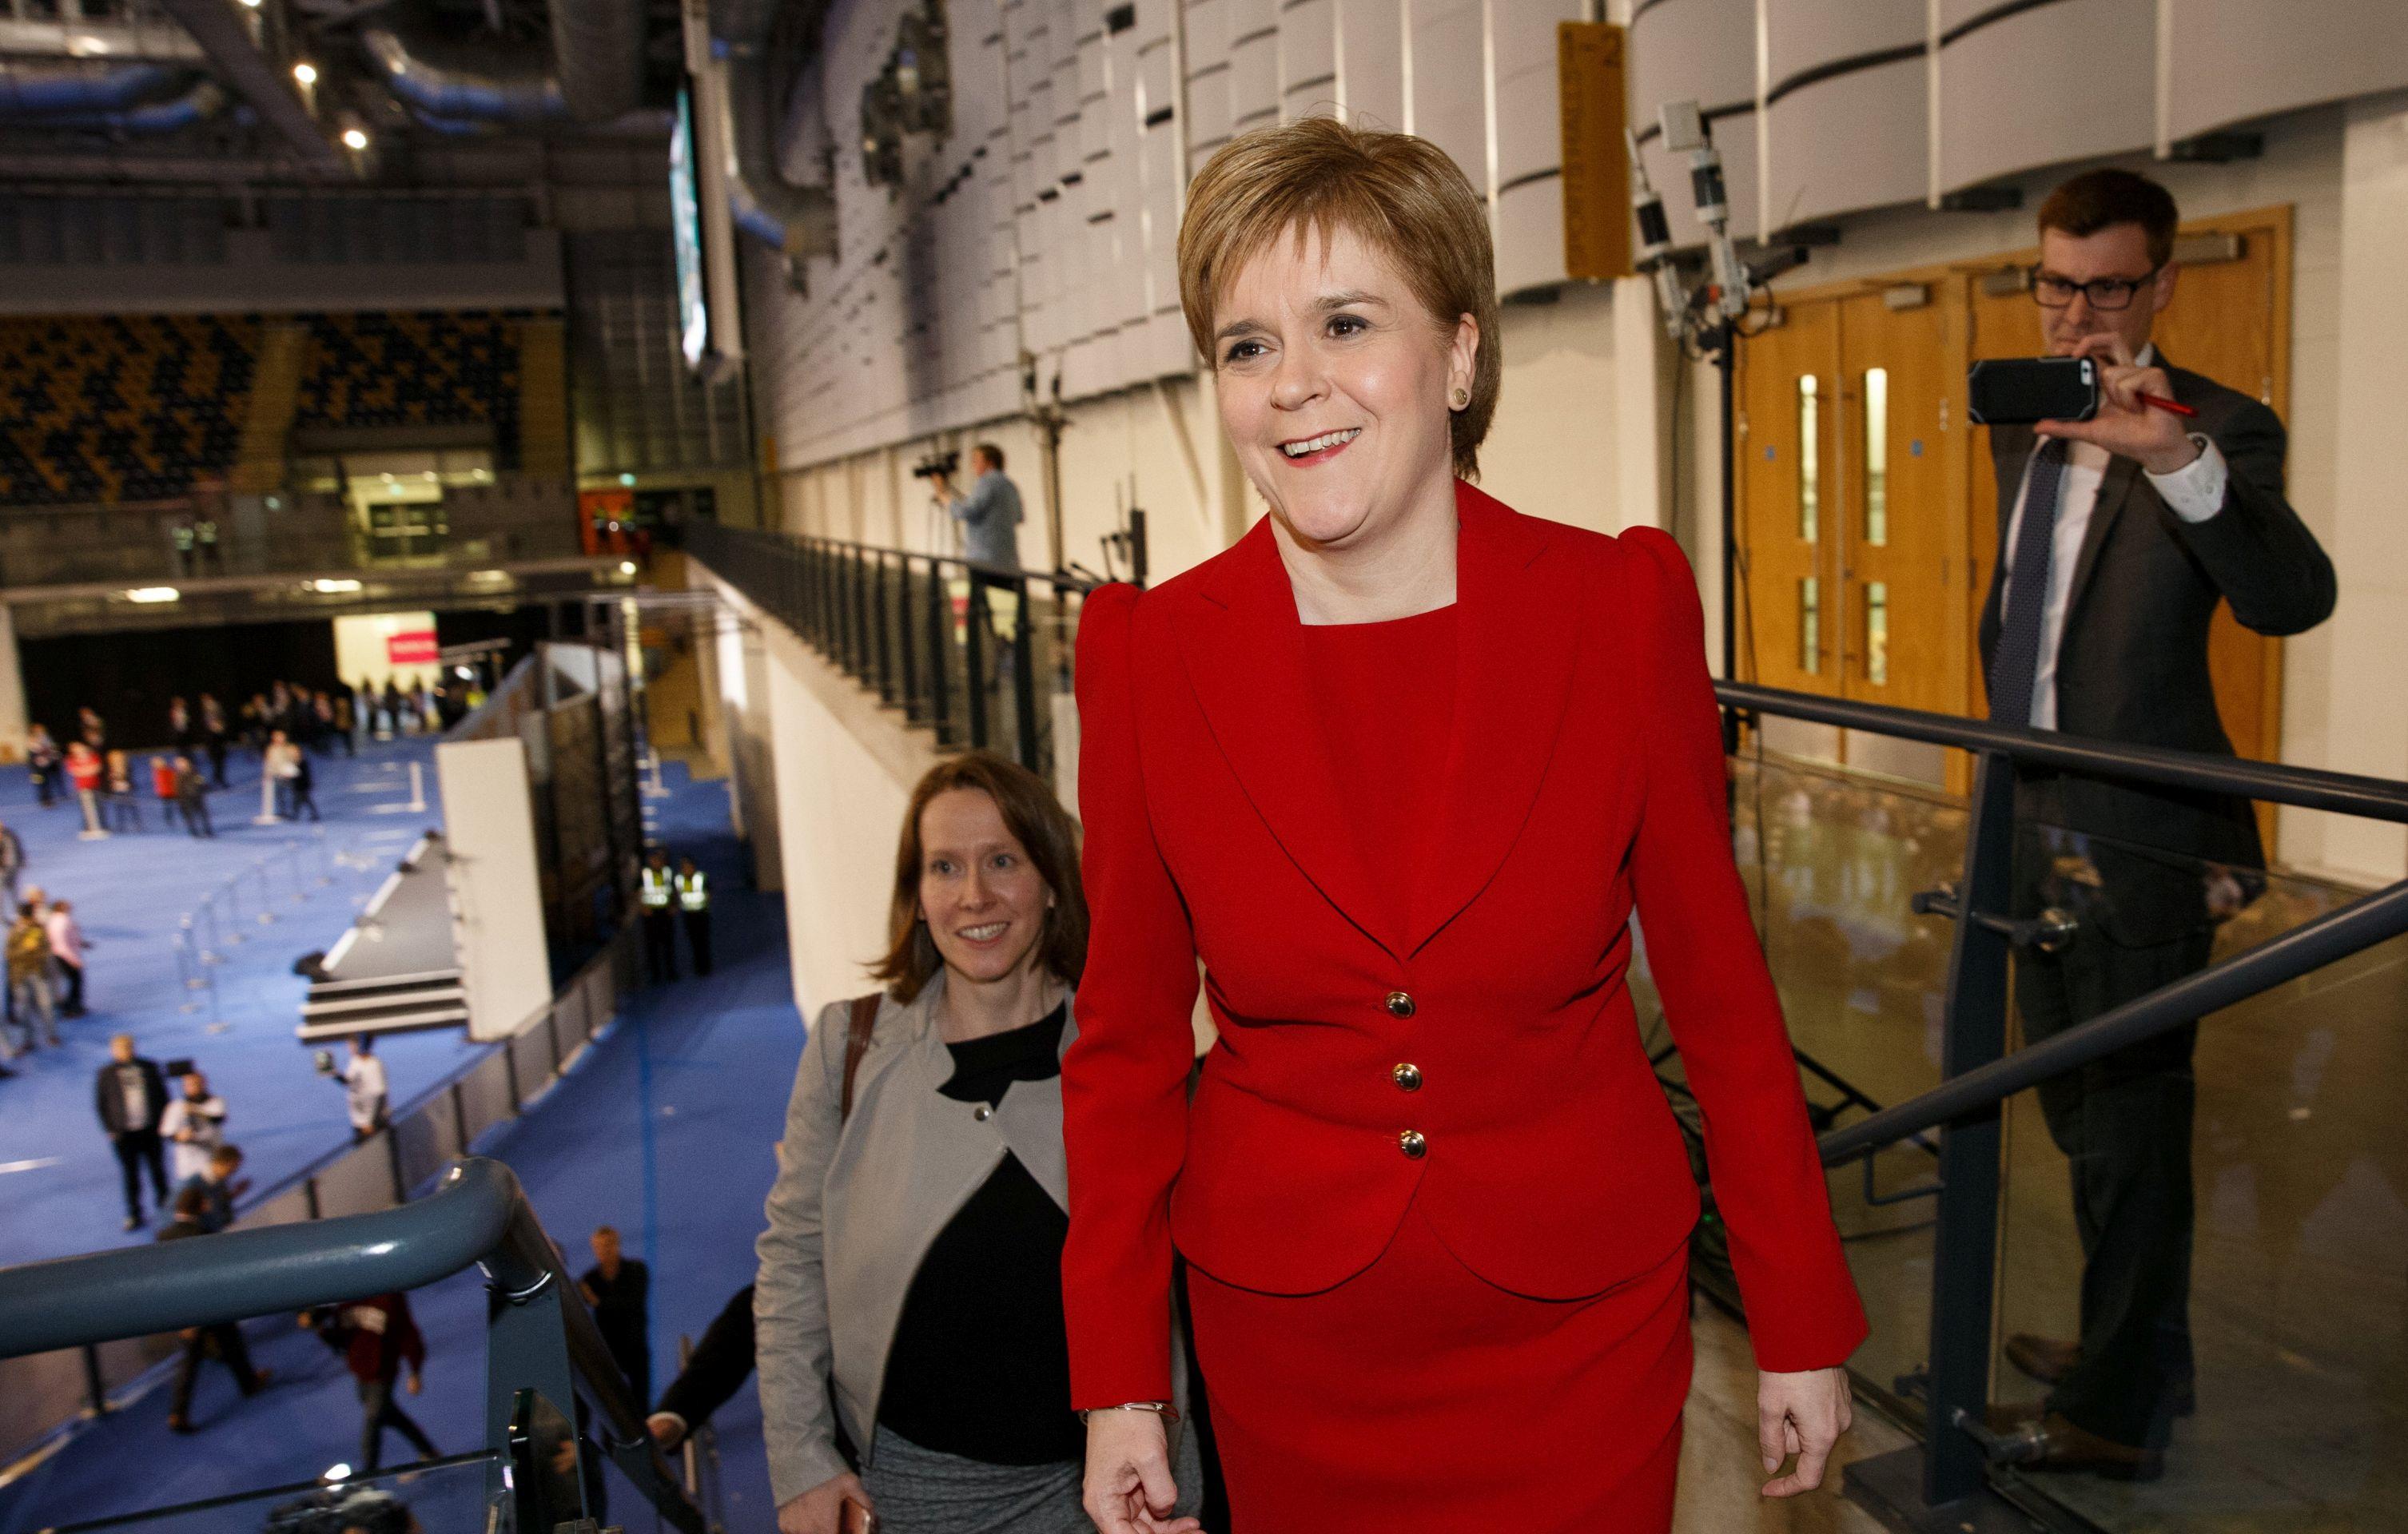 STURGEON Brexit propada ako Britanija prema EU-u bude 'gluha' kao prema Škotskoj